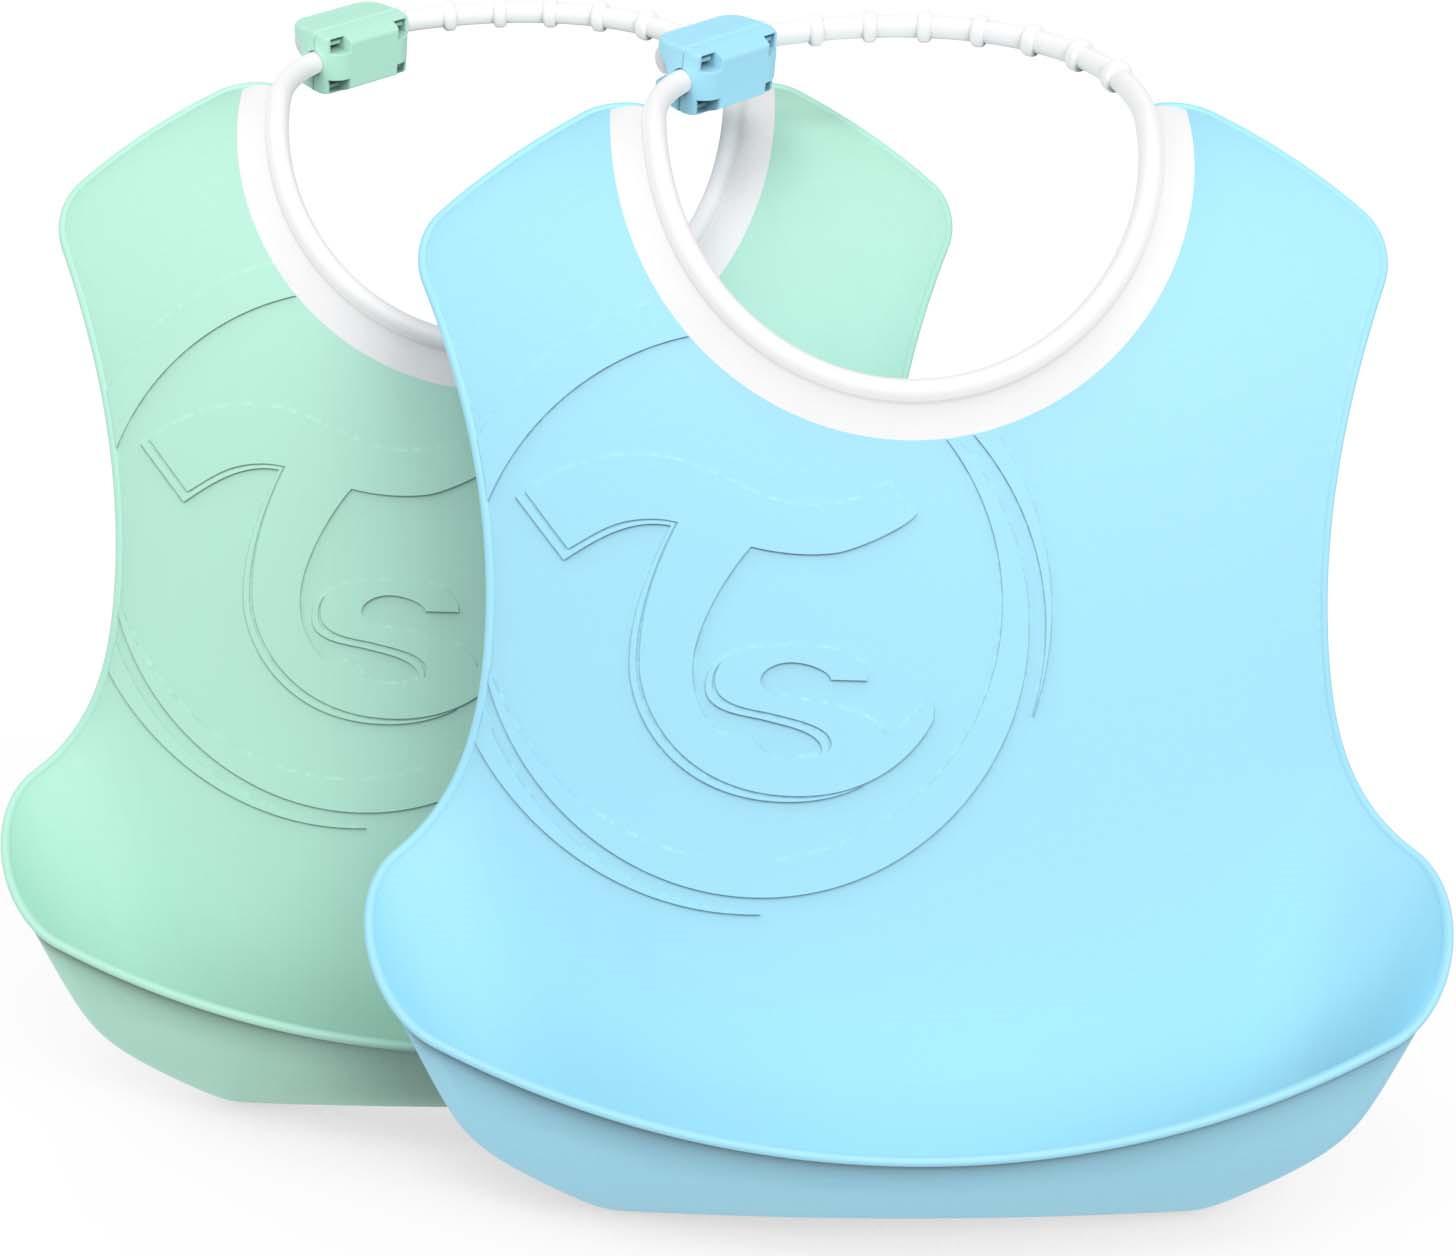 Слюнявчик Twistshake Pastel, 78220, синий, зеленый, 2 шт